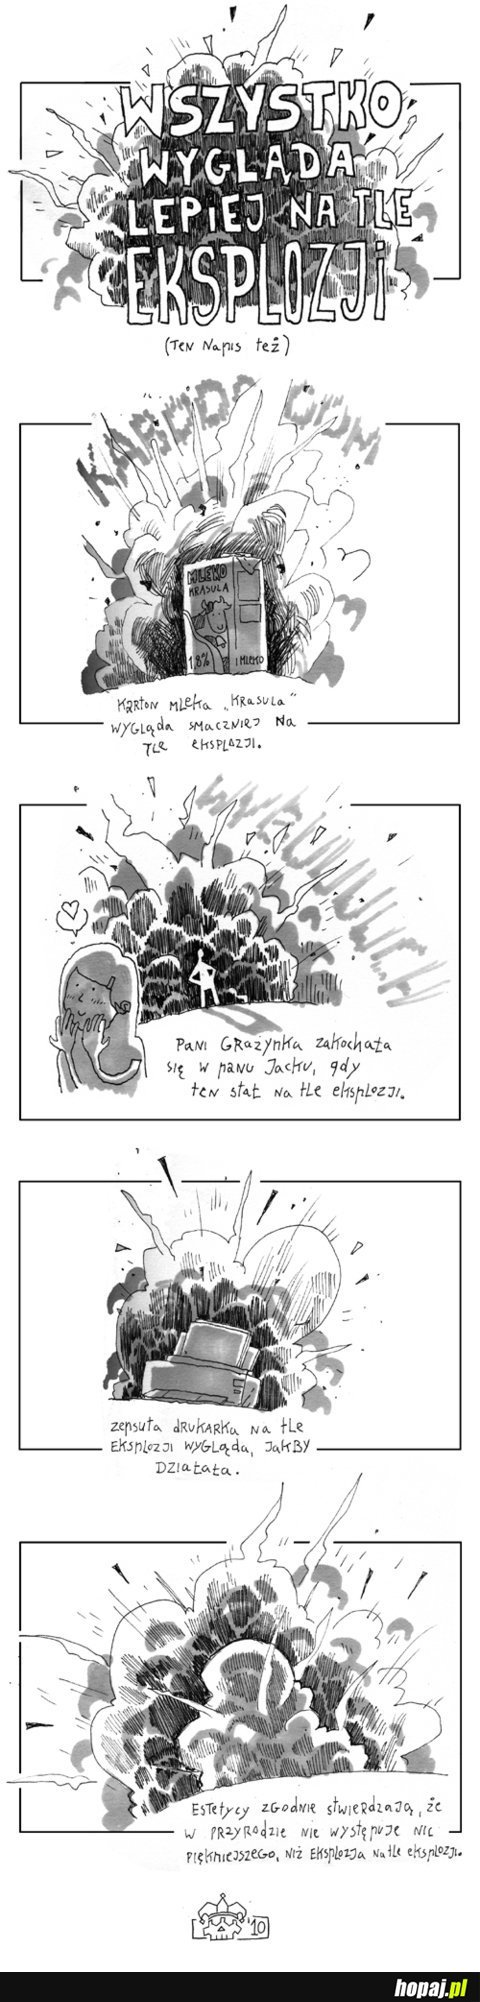 Wszystko wygląda lepiej na tle eksplozji